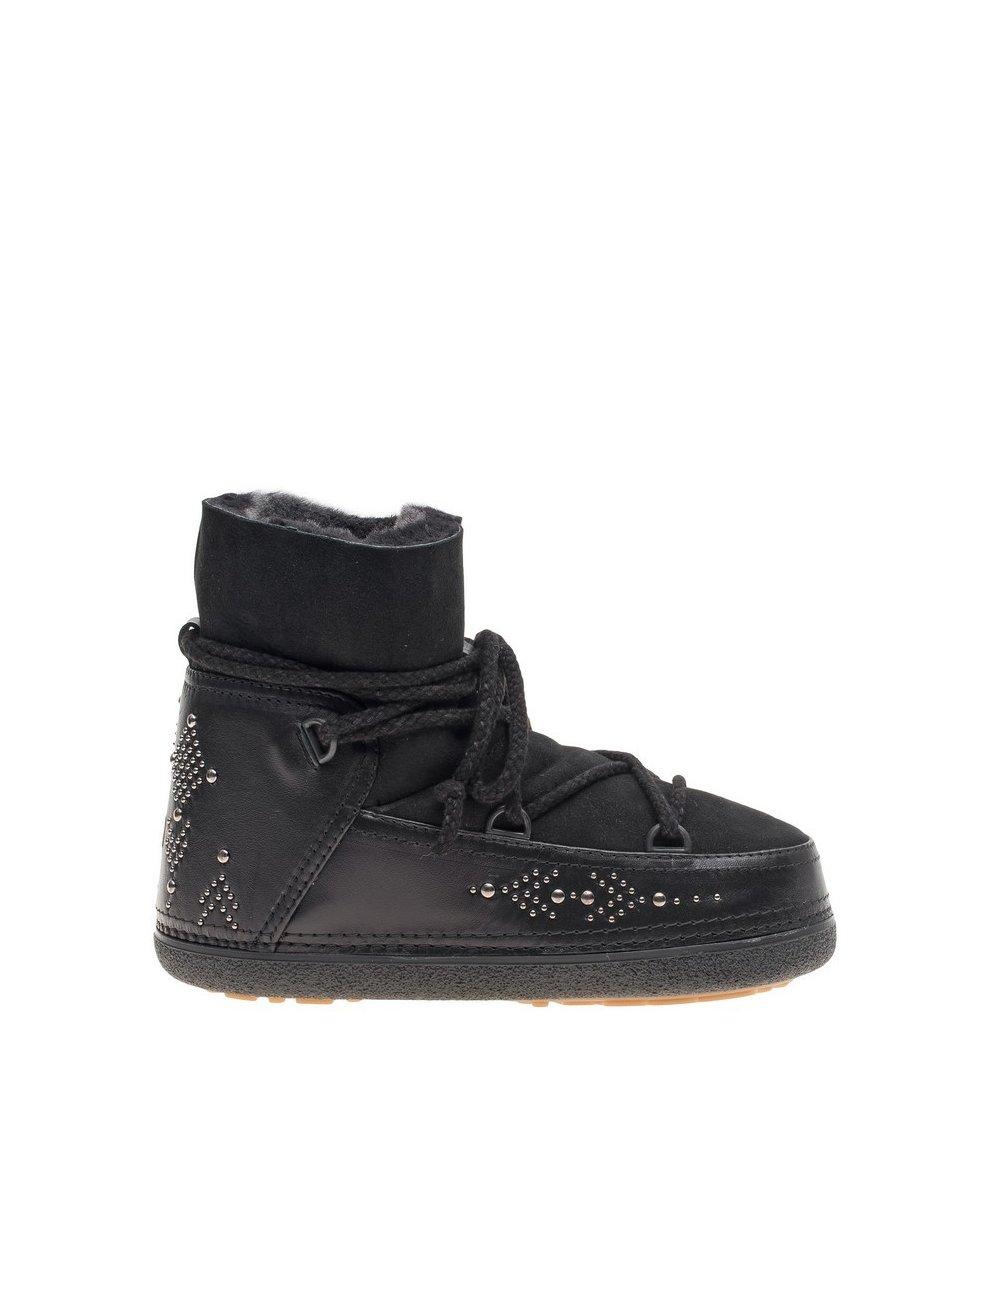 IKKII Boots Punk Studs Black